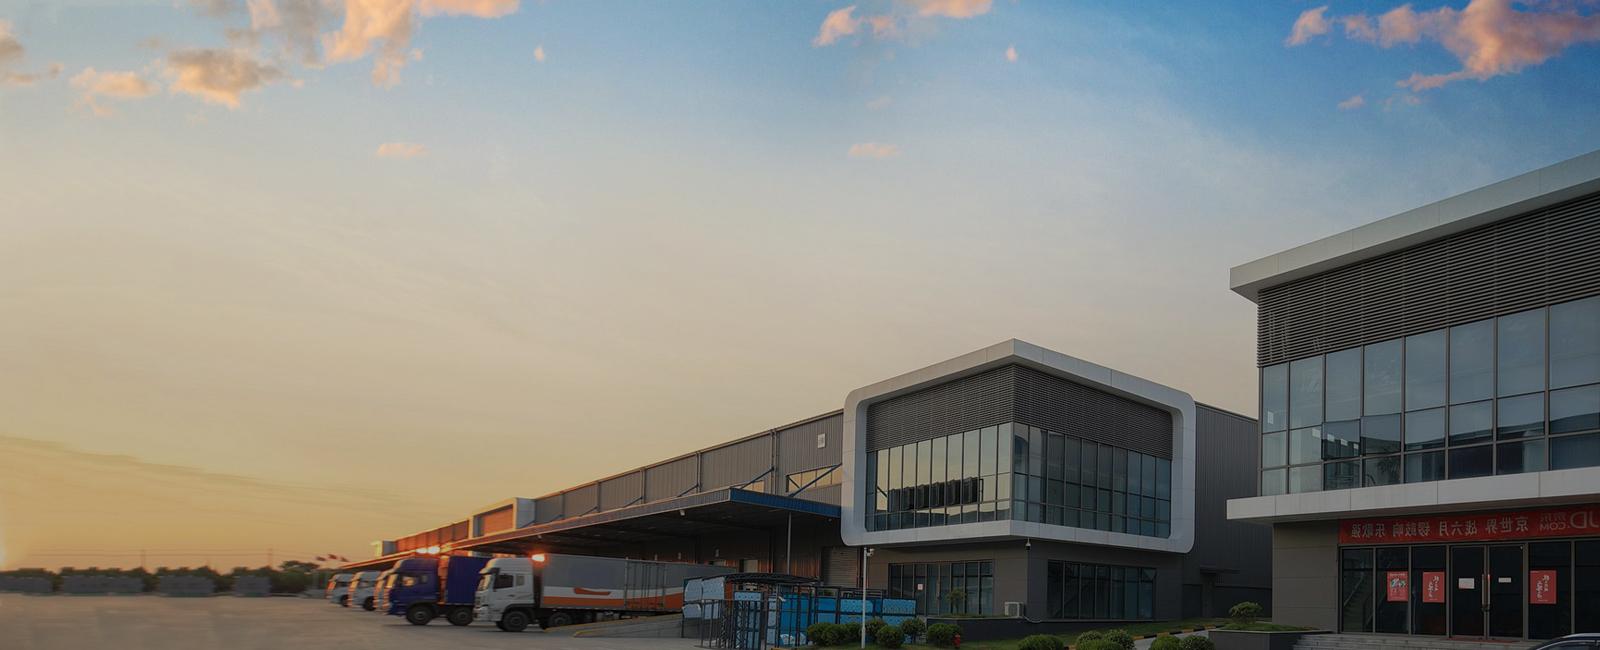 Công ty Australia cam kết đầu tư 400 triệu USD vào bất động sản khu công nghiệp Việt Nam - Ảnh 1.